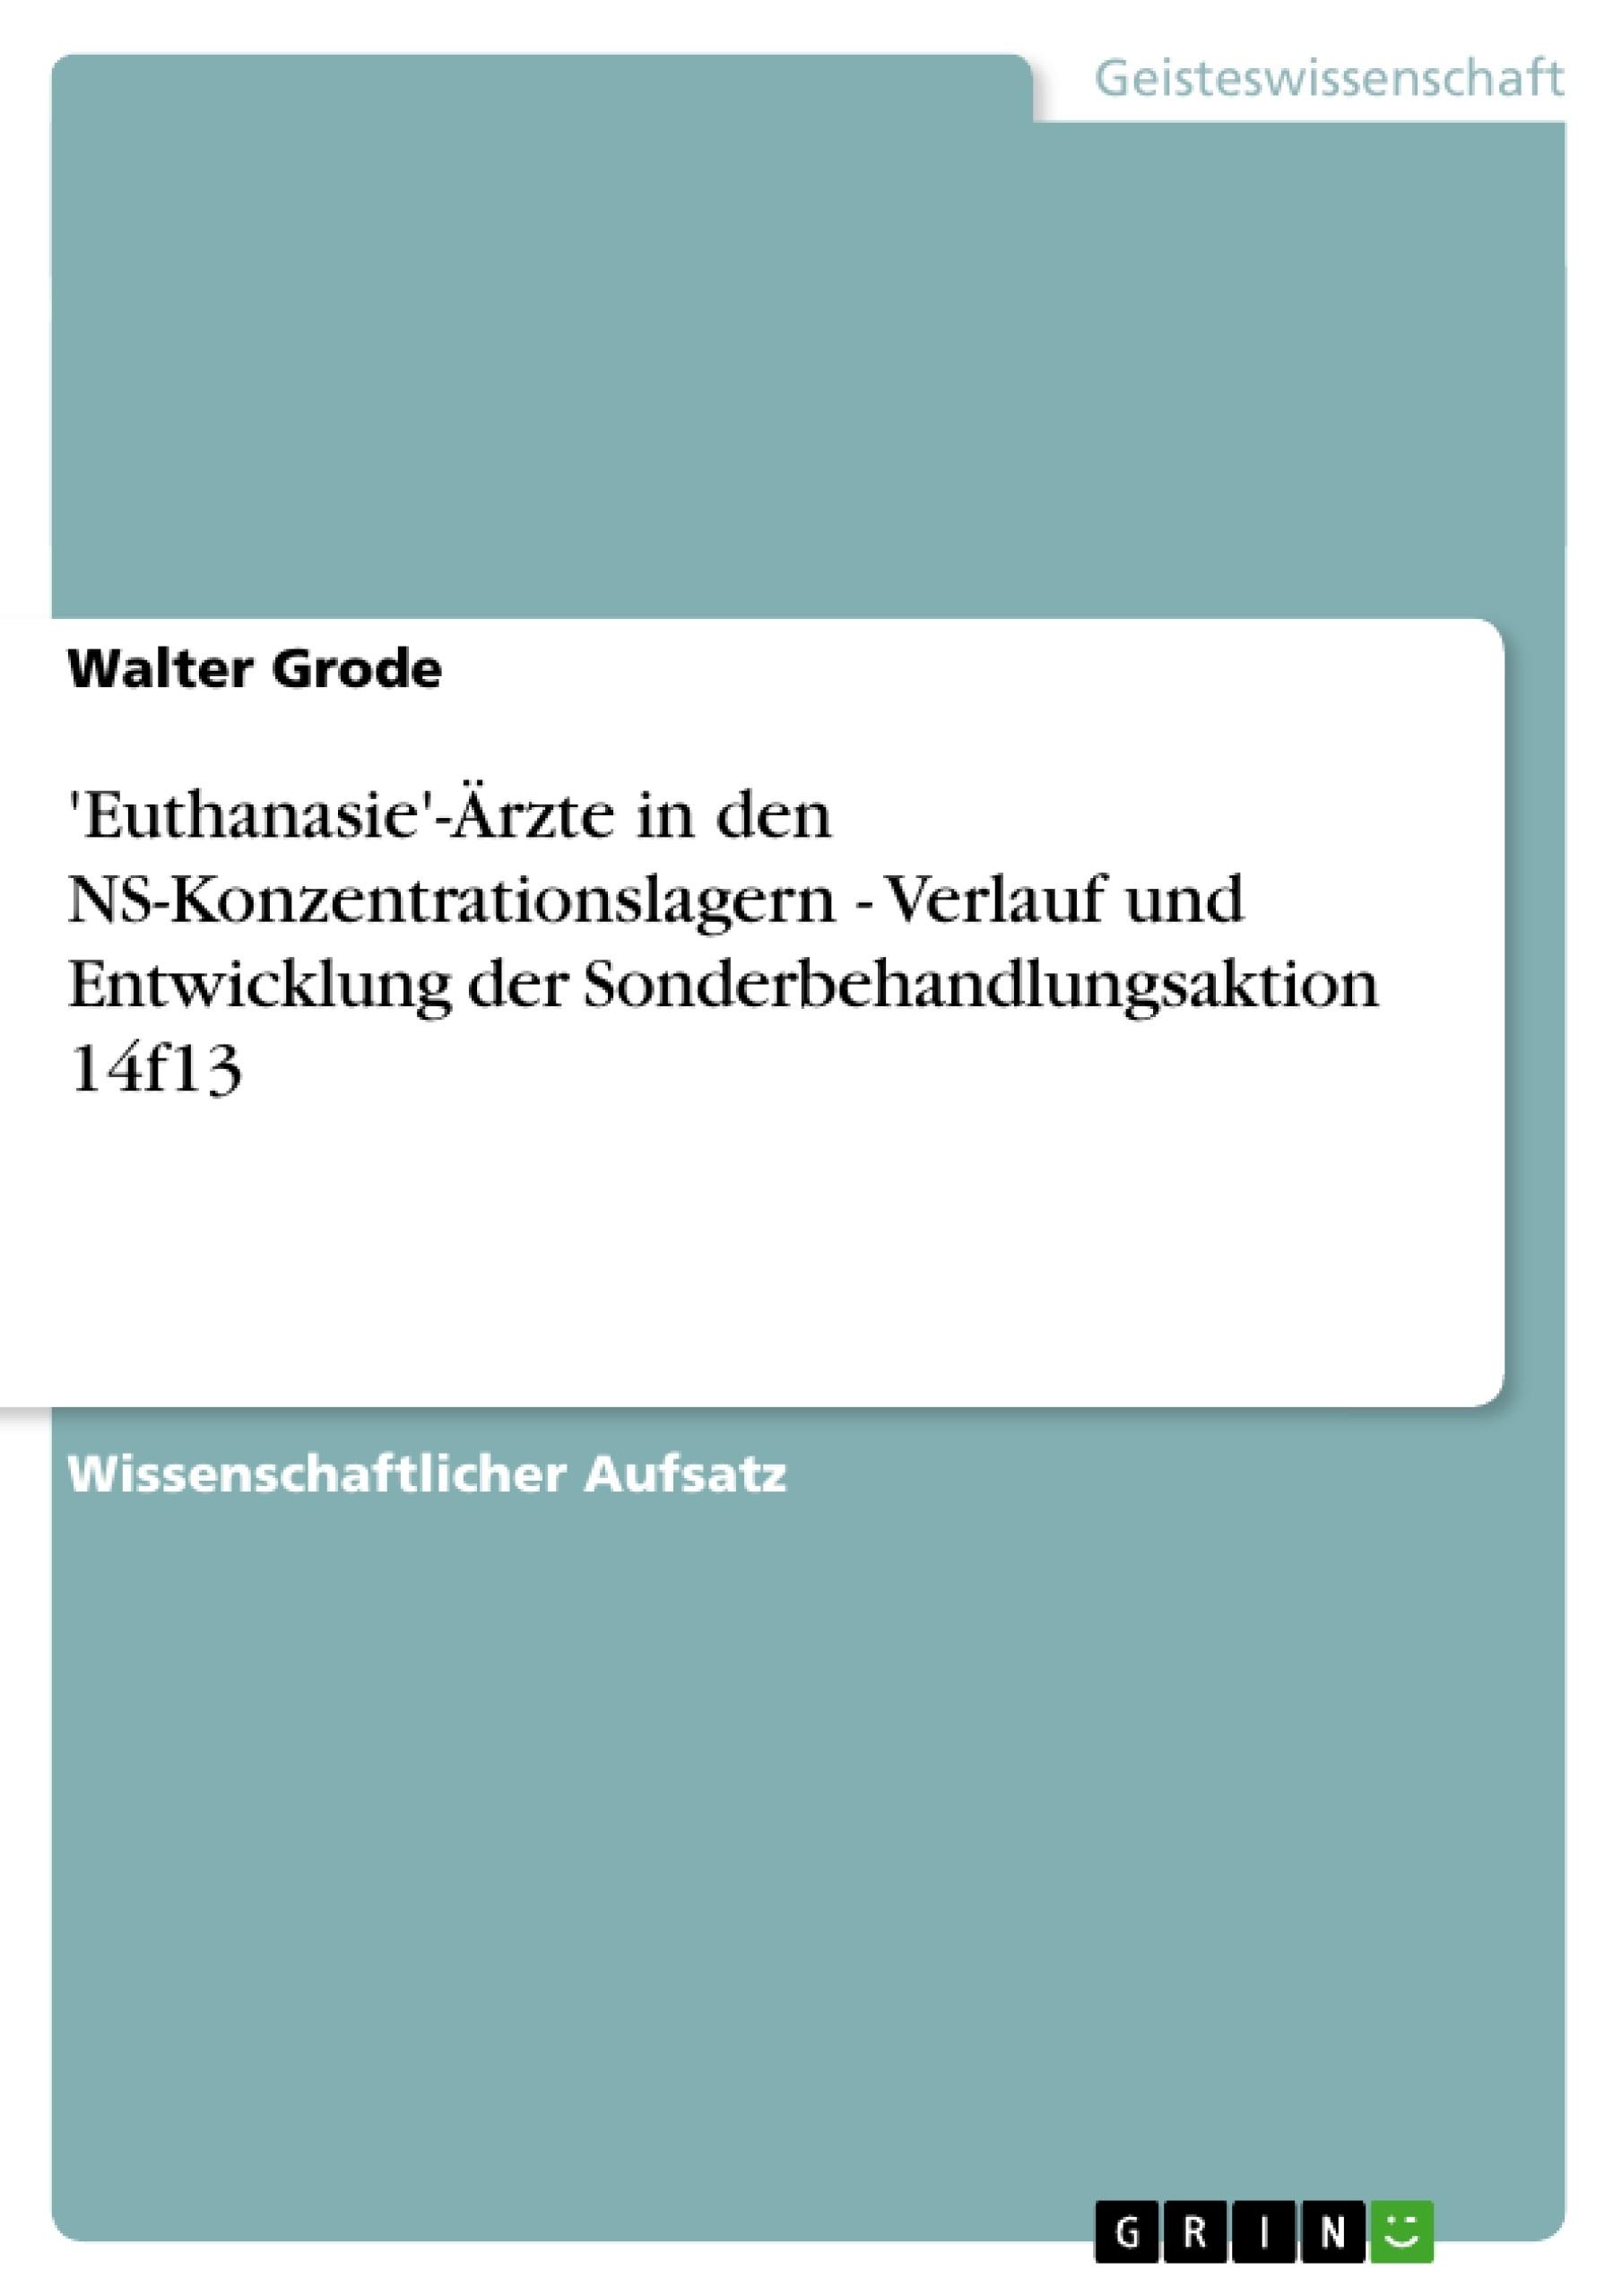 Titel: 'Euthanasie'-Ärzte in den NS-Konzentrationslagern - Verlauf und Entwicklung der Sonderbehandlungsaktion 14f13